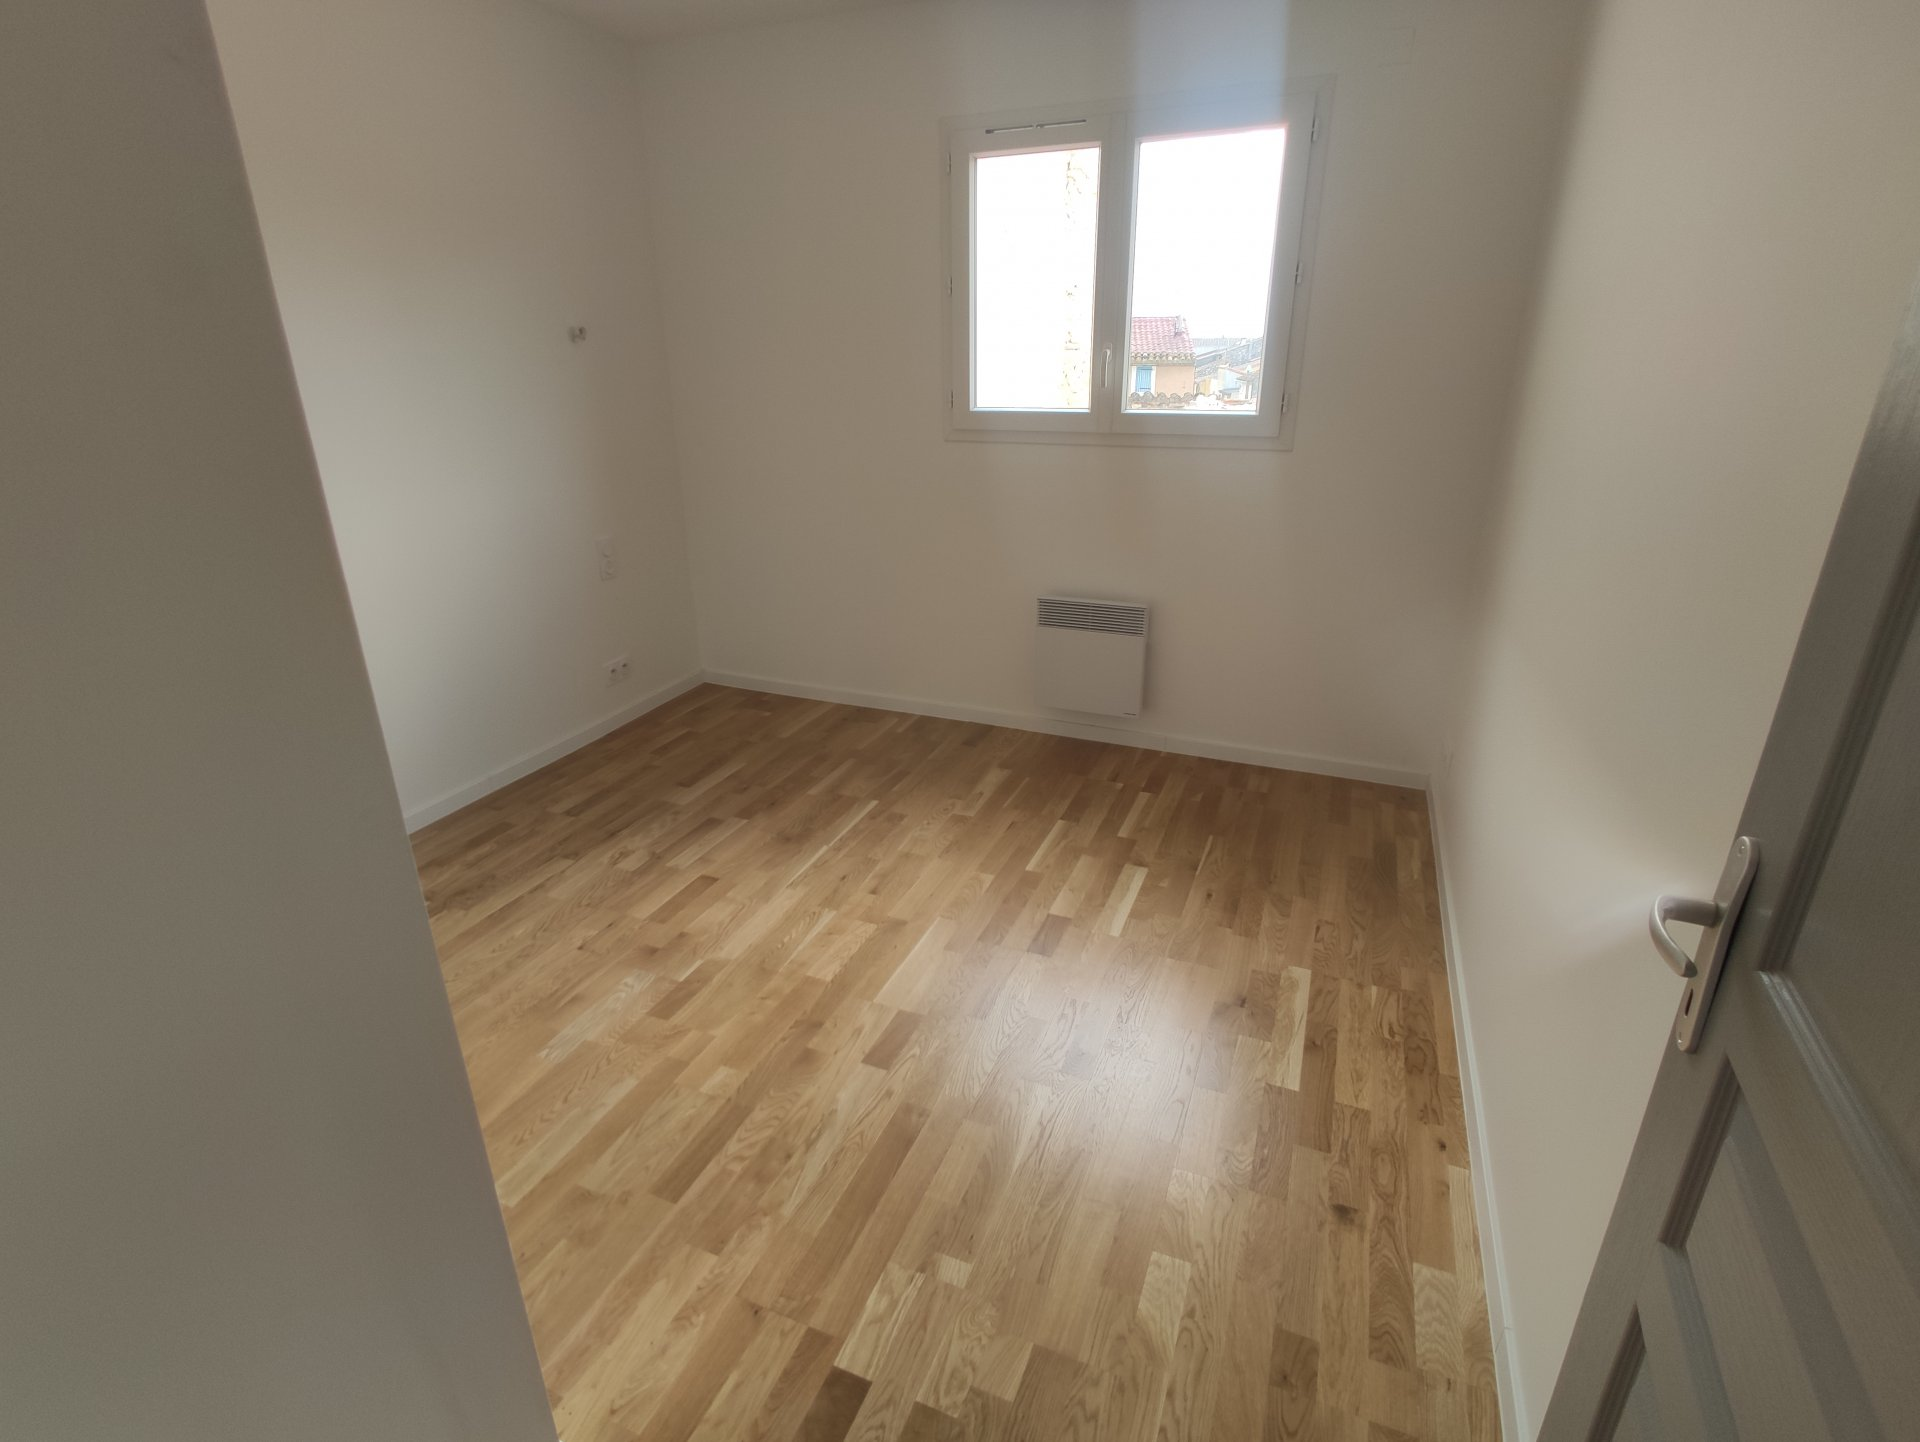 Vente appartement T4 136m²